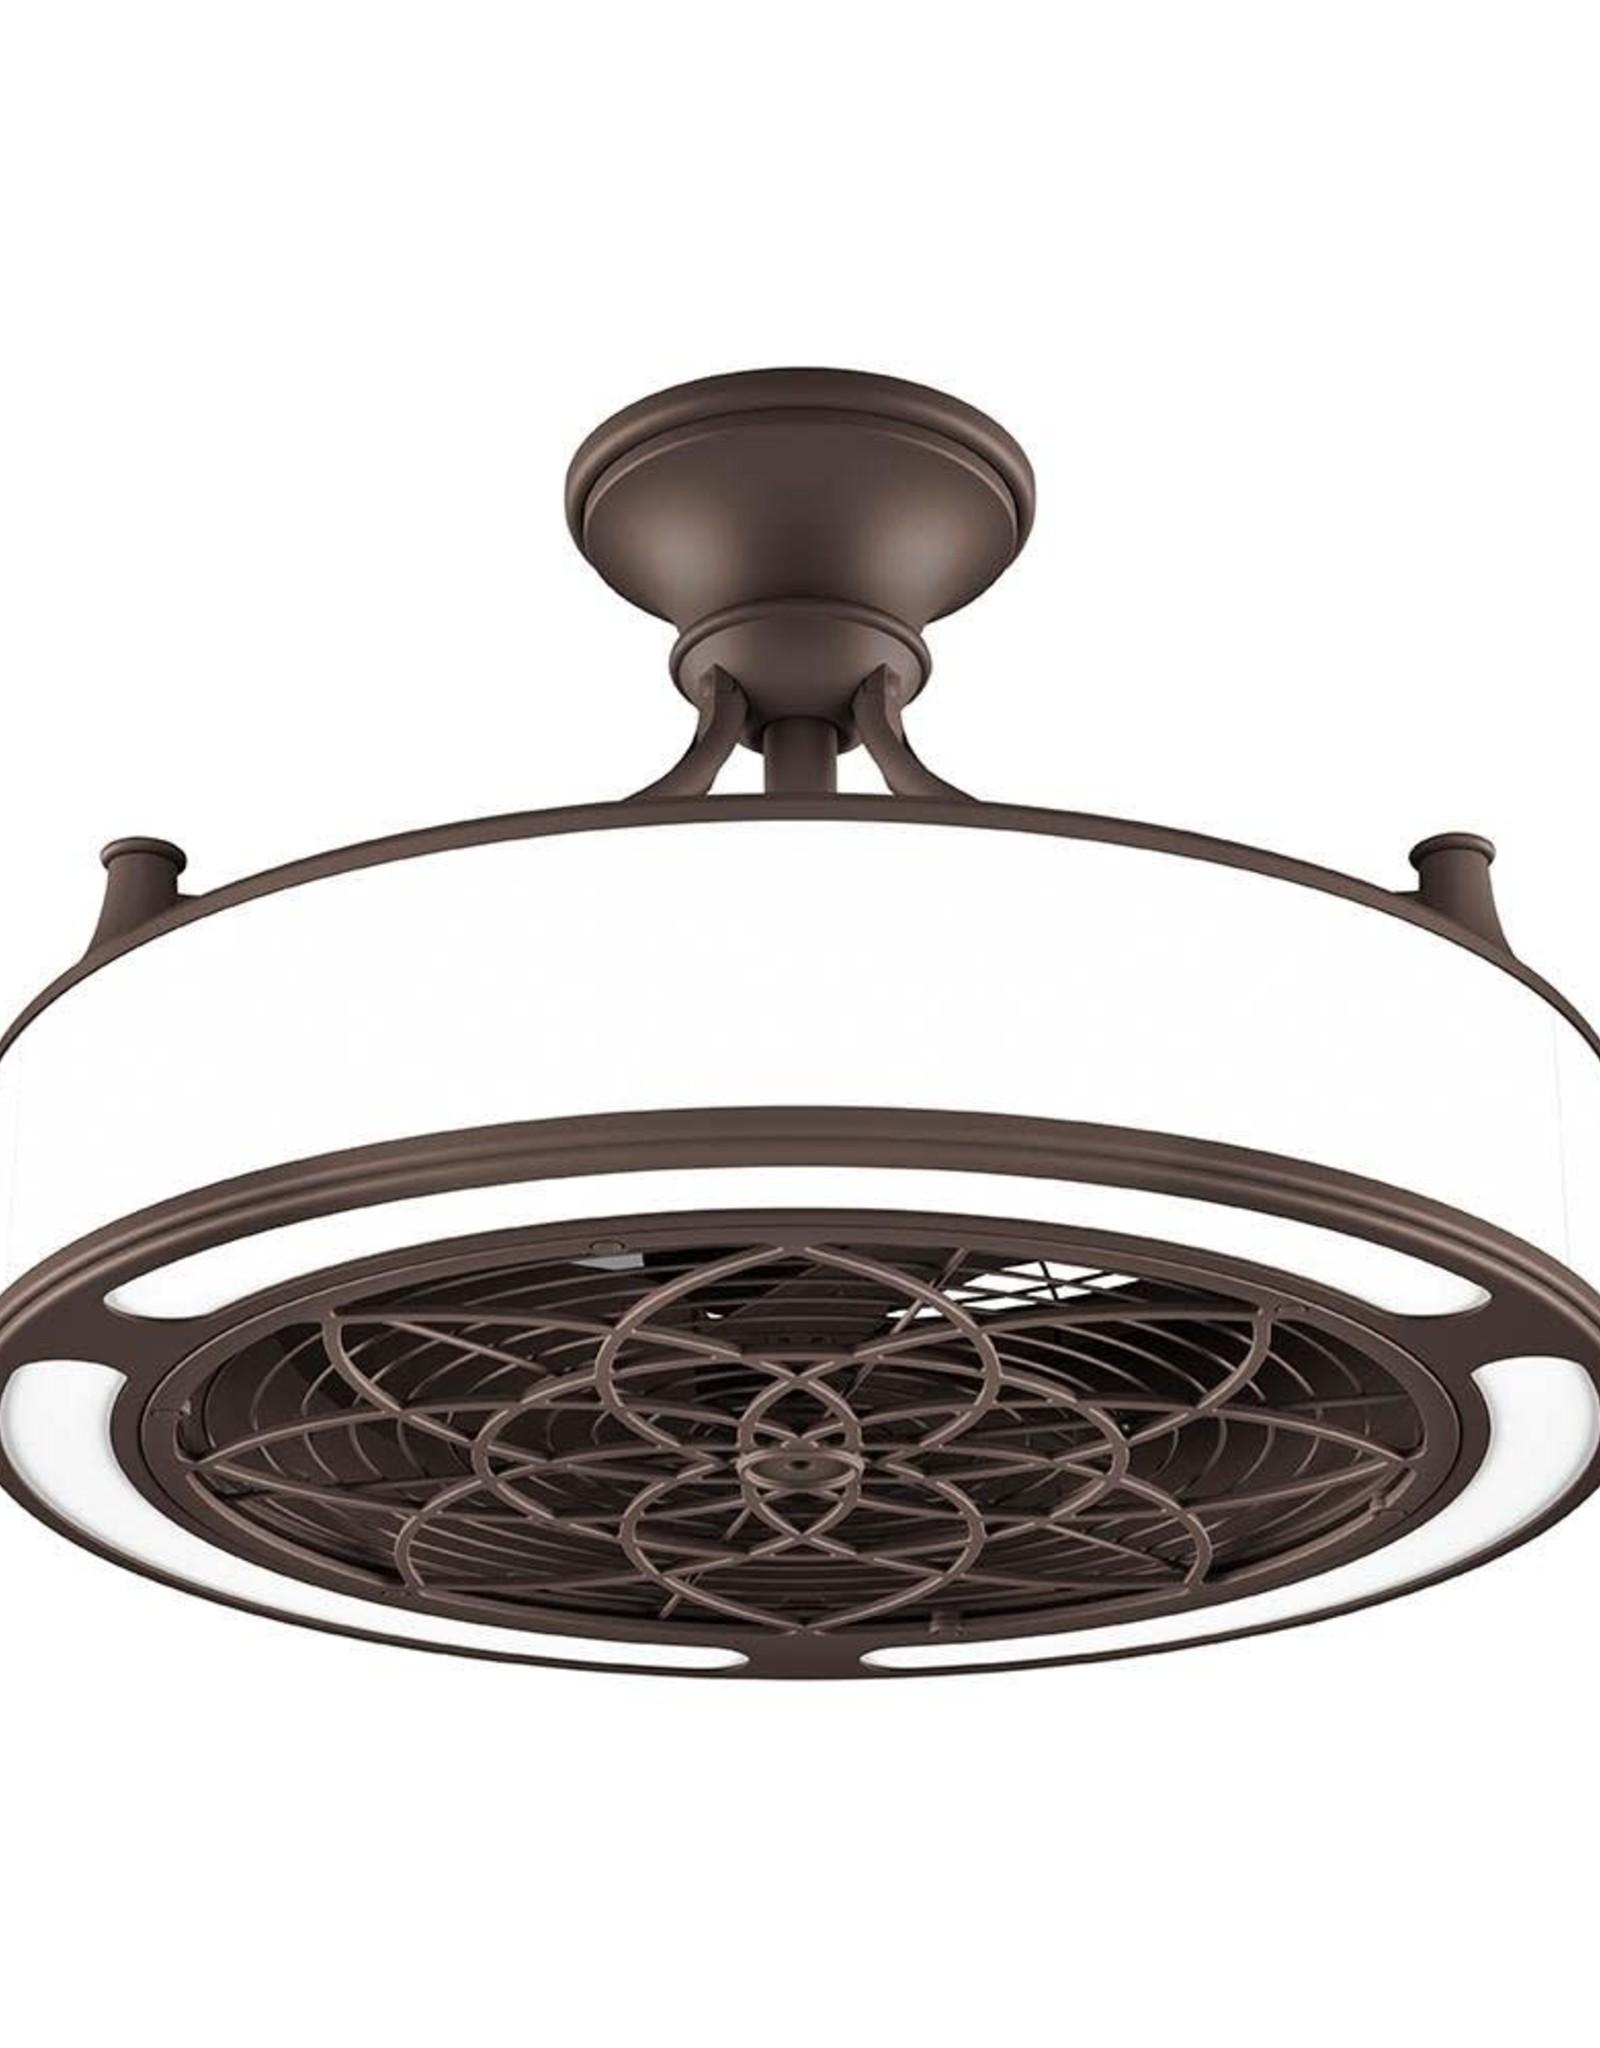 Anderson 22 in. Indoor/Outdoor Bronze ceiling fan with light